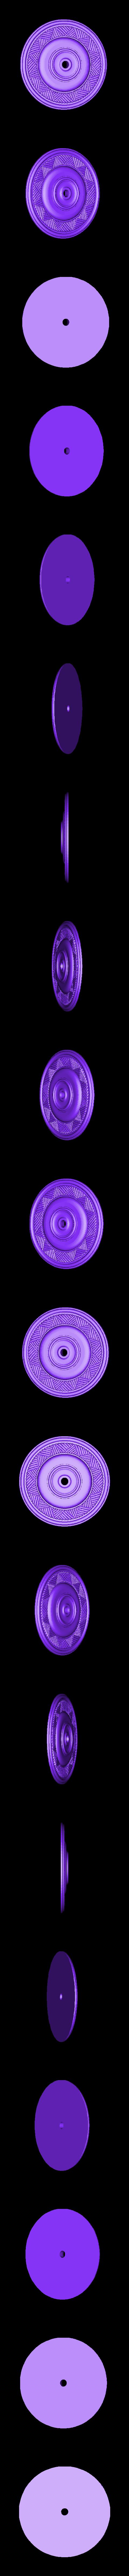 18.stl Télécharger fichier OBJ gratuit Moulures vintage pour vieux appartements classiques cnc art machine à router 3D printed • Modèle à imprimer en 3D, 3DPrinterFiles